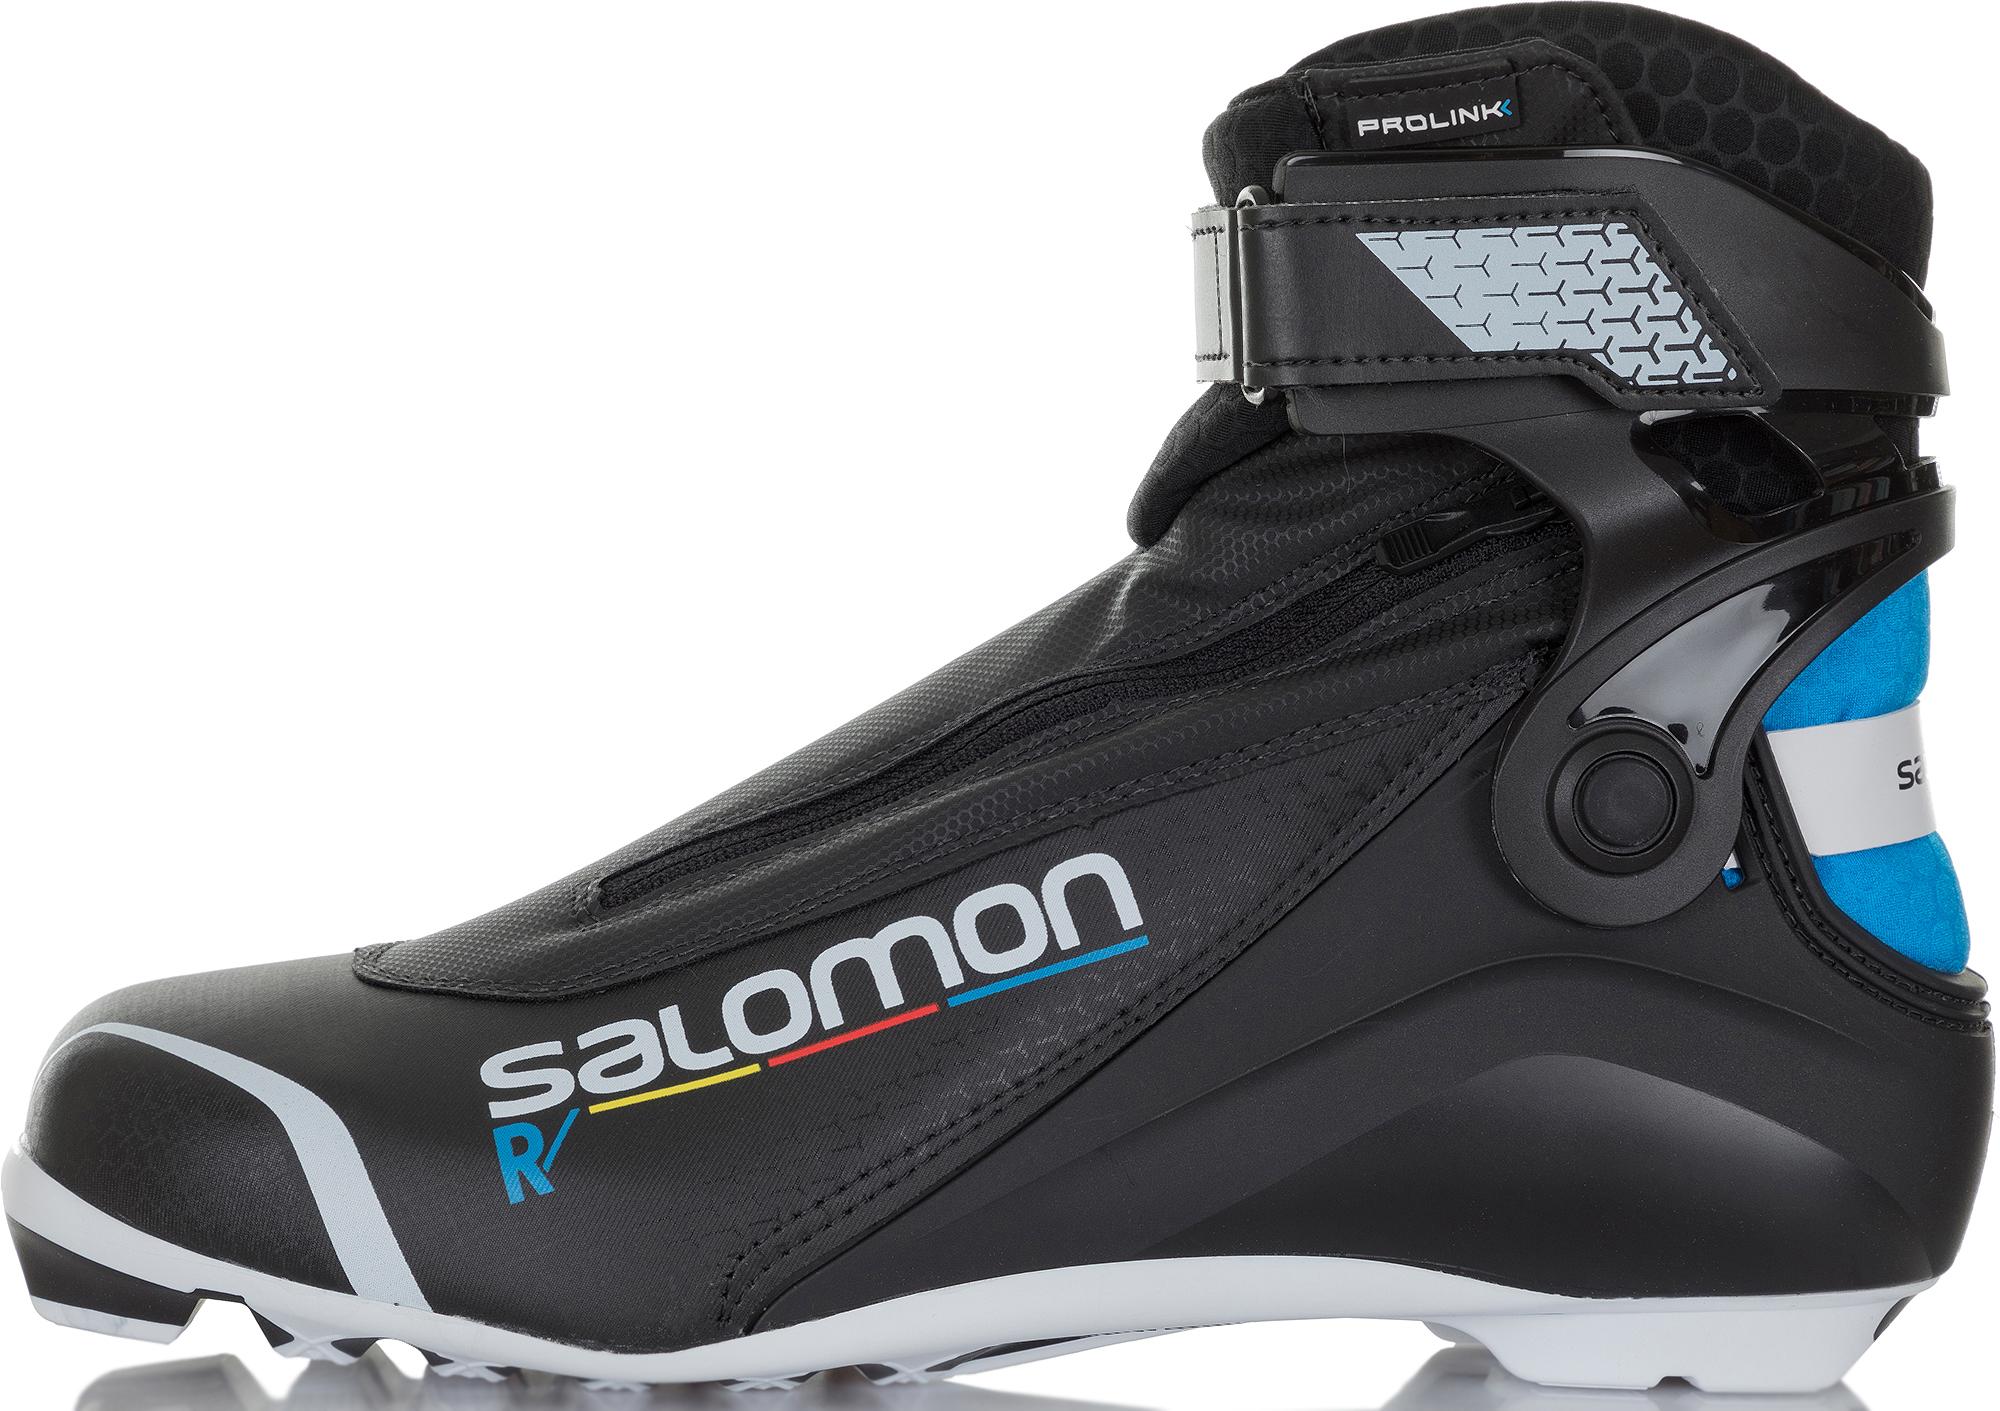 Salomon Ботинки для беговых лыж Salomon R/Prolink, размер 42,5 крепления salomon salomon для беговых лыж auto женские